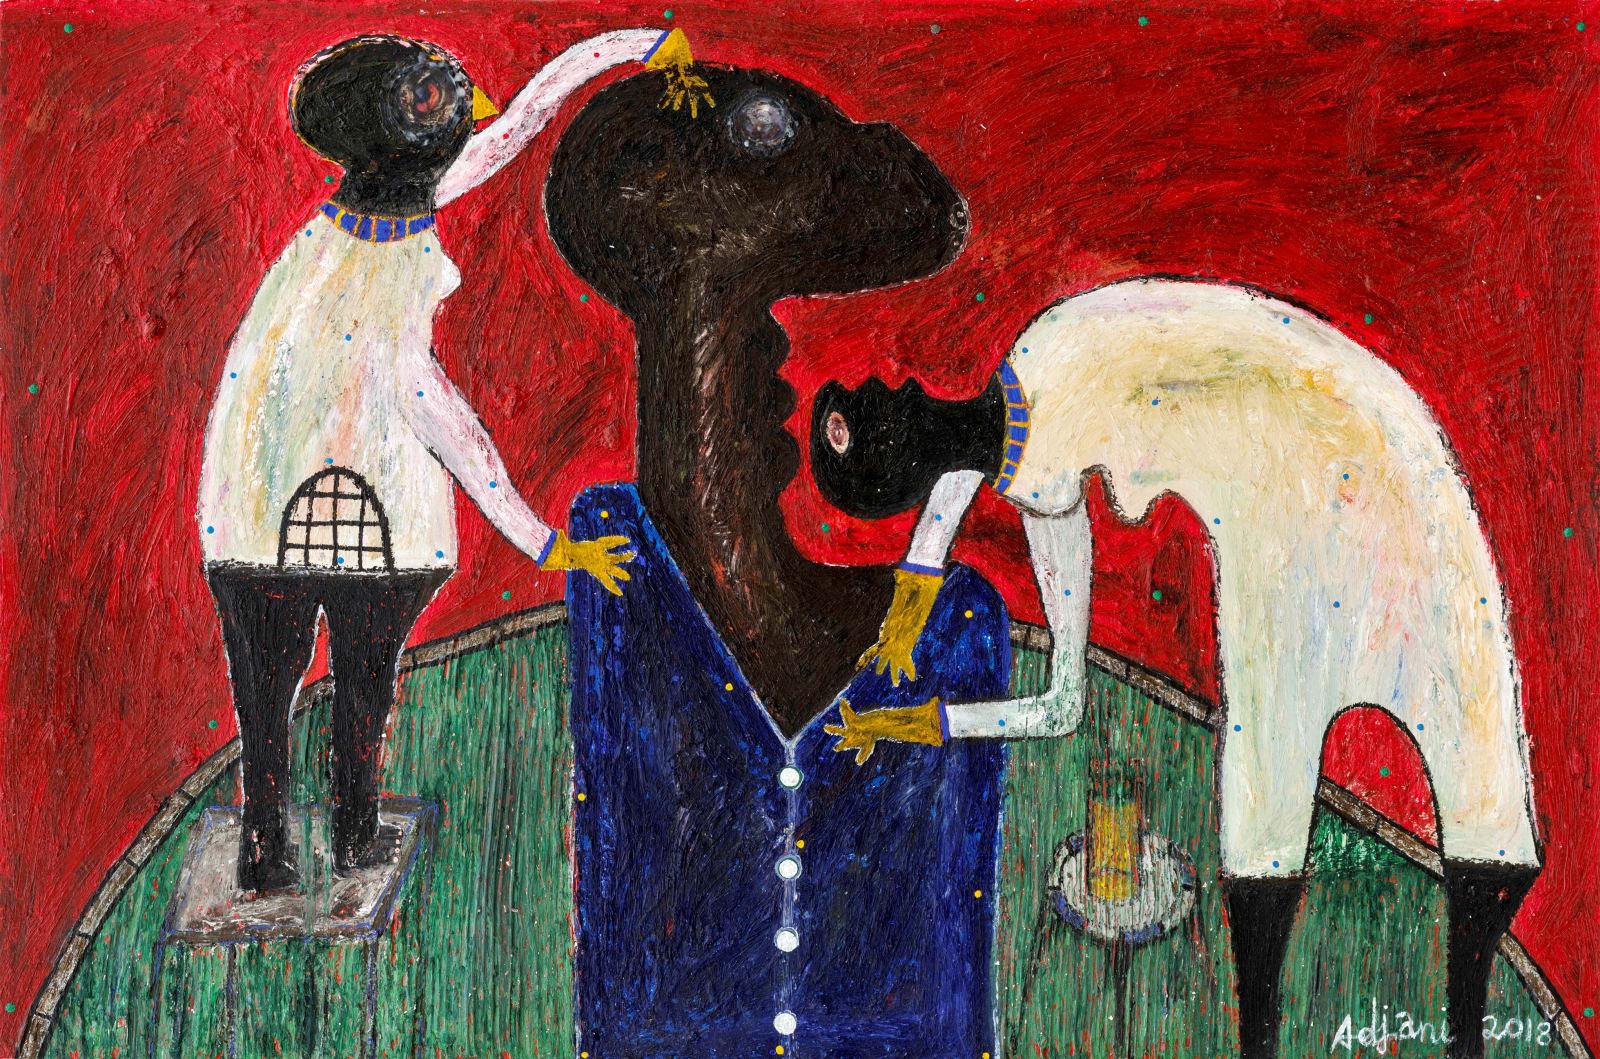 Adjani Okpu-Egbe